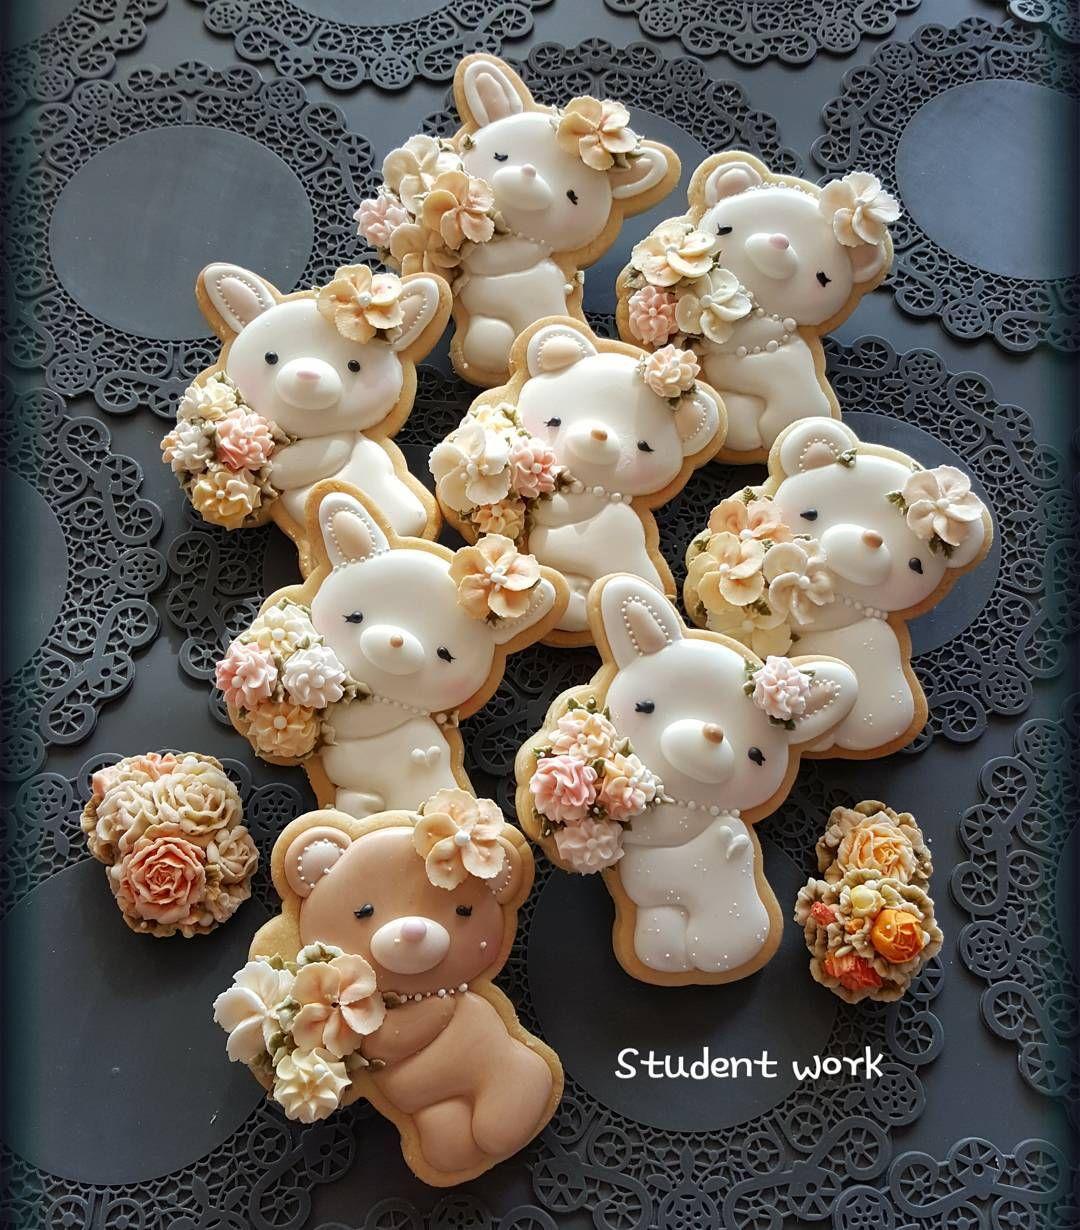 ᆞ ᆞ Student work  ᆞ #icingcookie #아이싱쿠키 #쿠키클래스  #독학 #용인  #icingcookie #아이싱쿠키 #쿠키클래스  #정규반